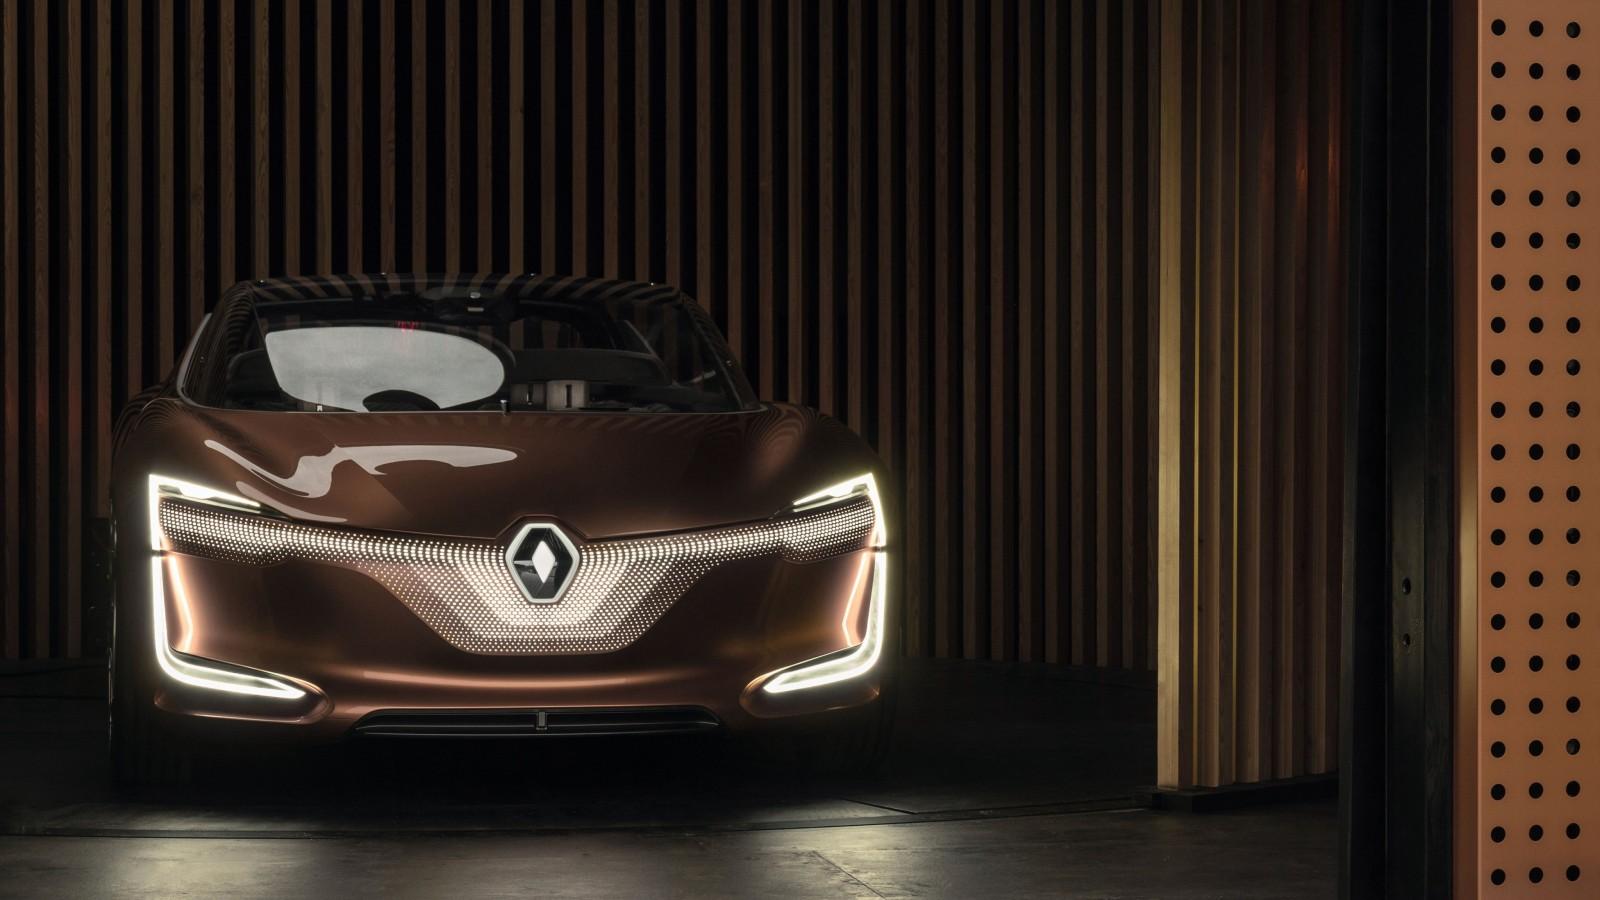 Renault Symbioz Autonomous Electric Car 4K 2 Wallpaper